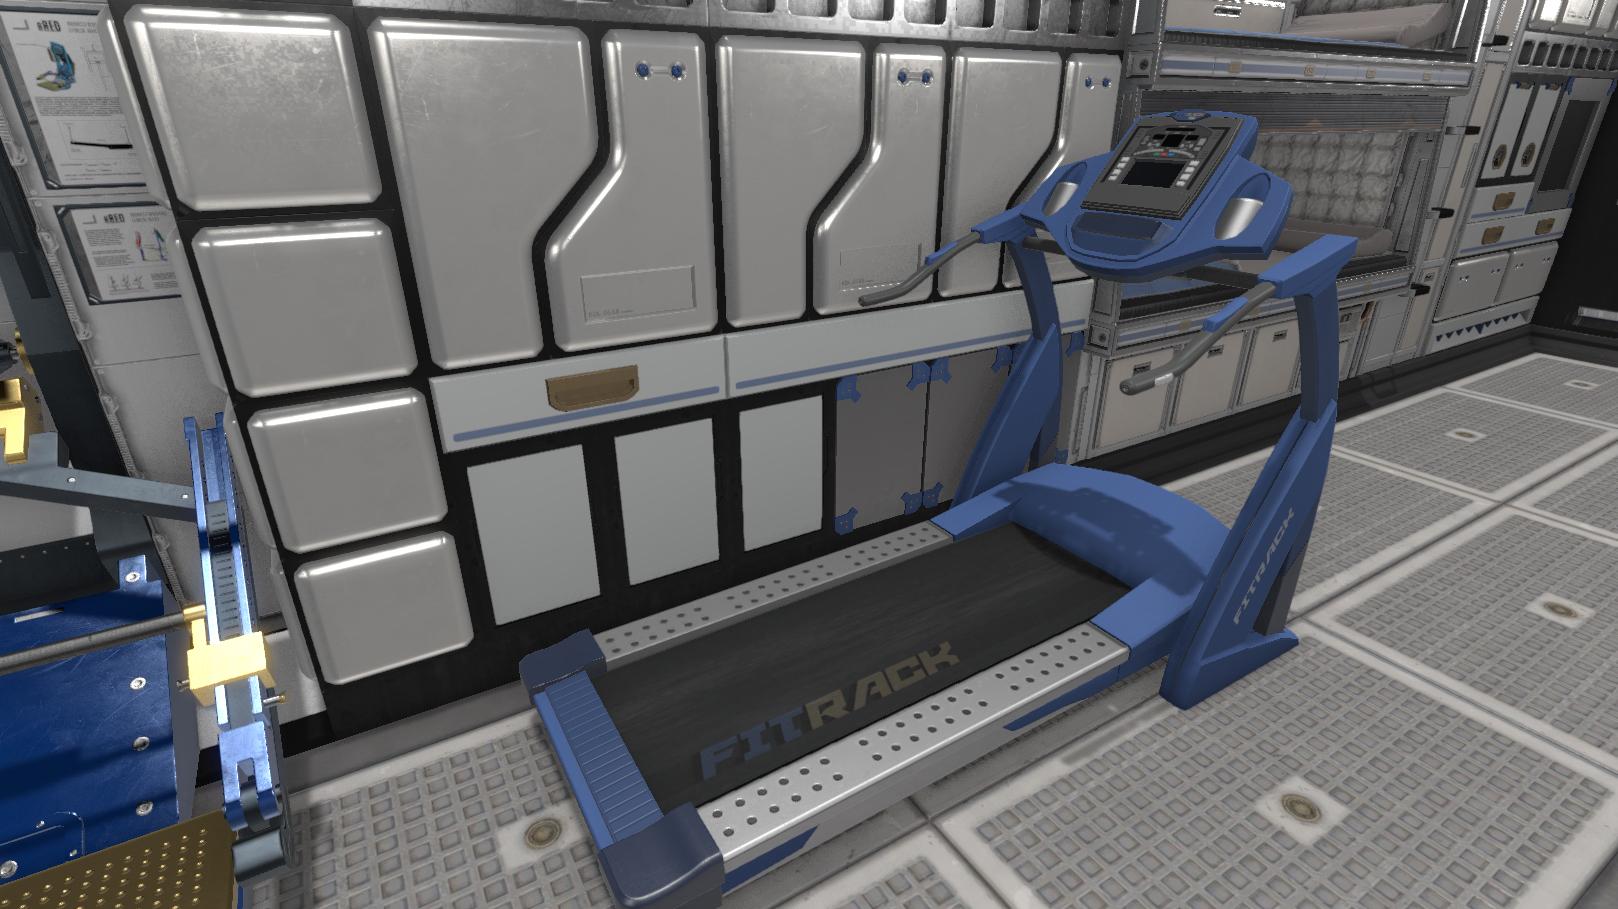 FitnessStation2.jpg